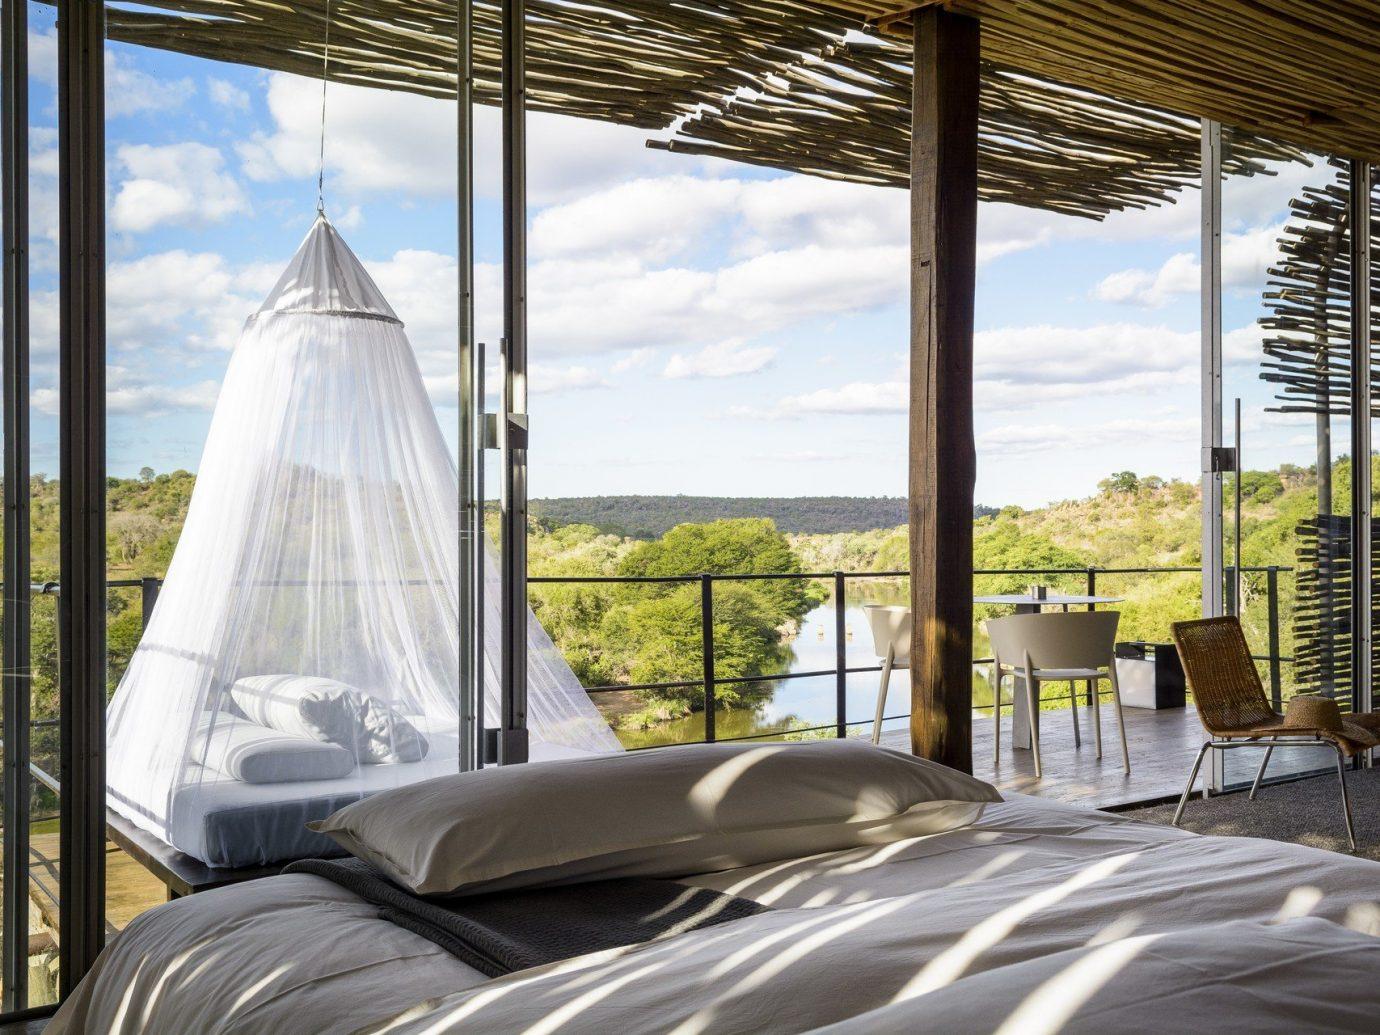 Hotels window indoor property tent bed home estate vacation cottage interior design Resort overlooking Bedroom day